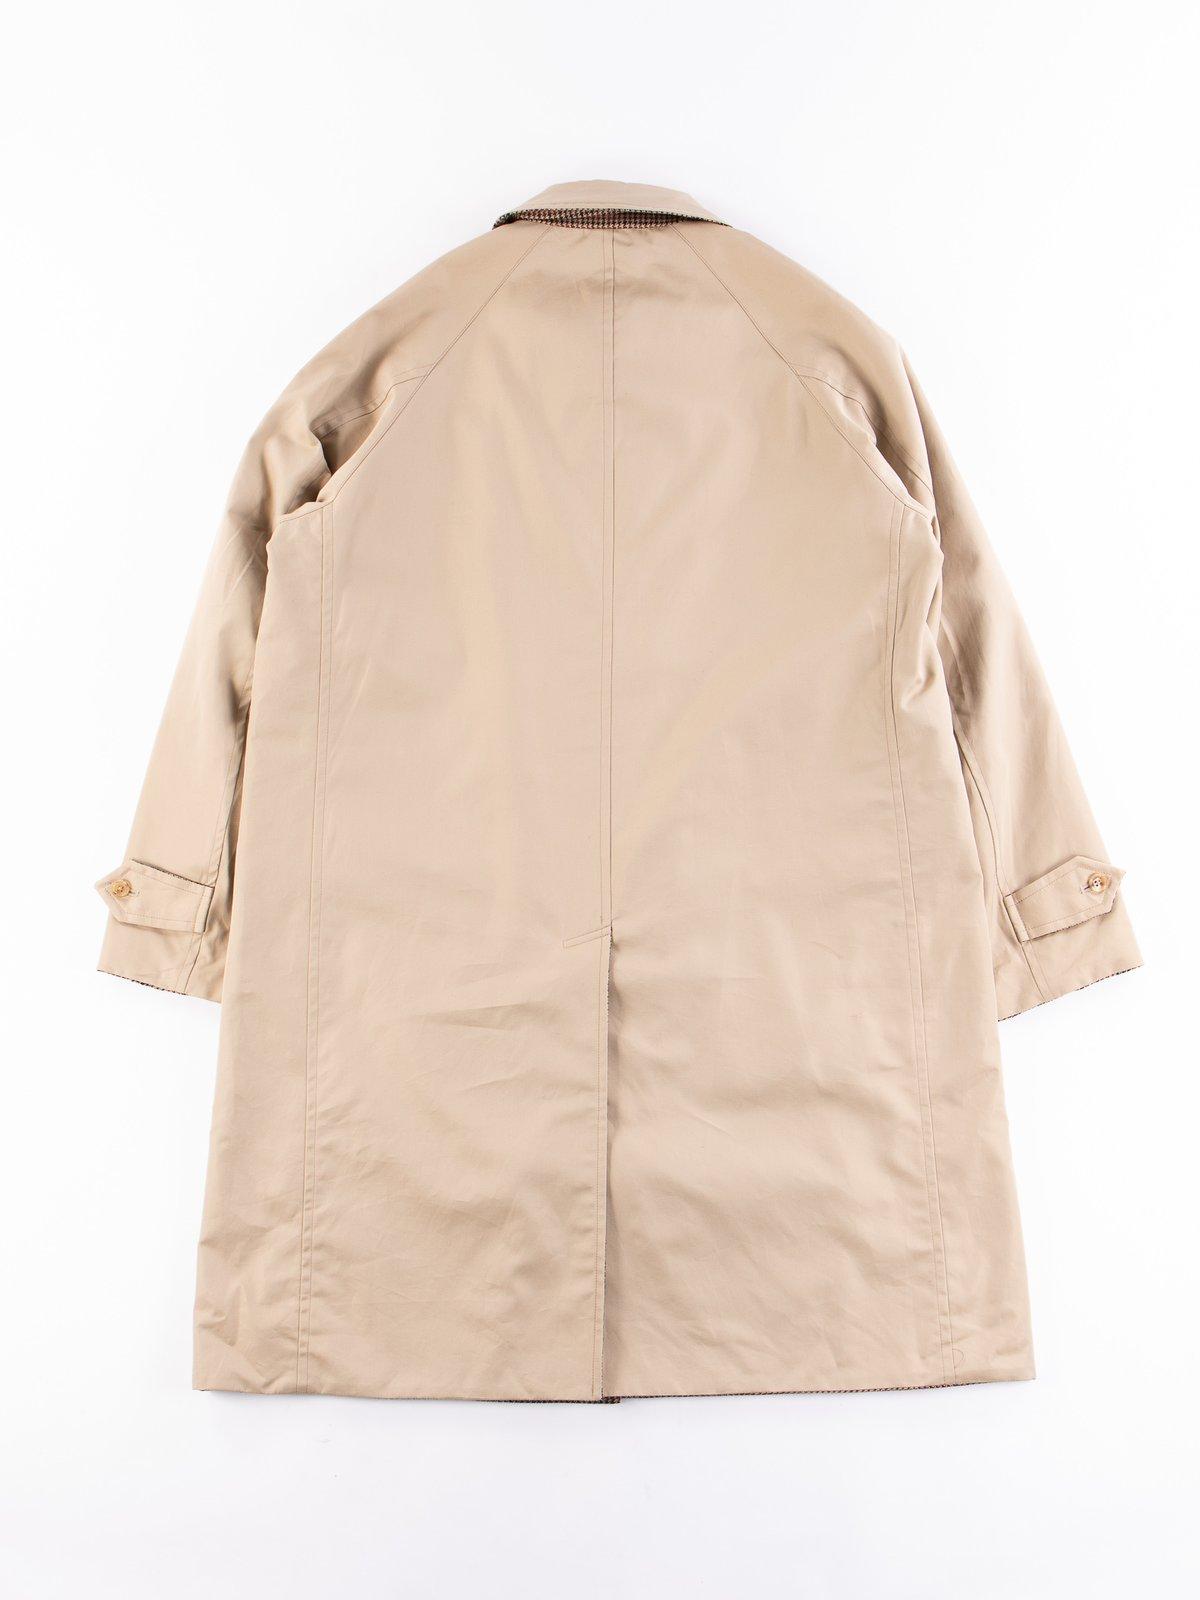 Light Khaki/Gunclub Reversible Balmacaan Coat - Image 6